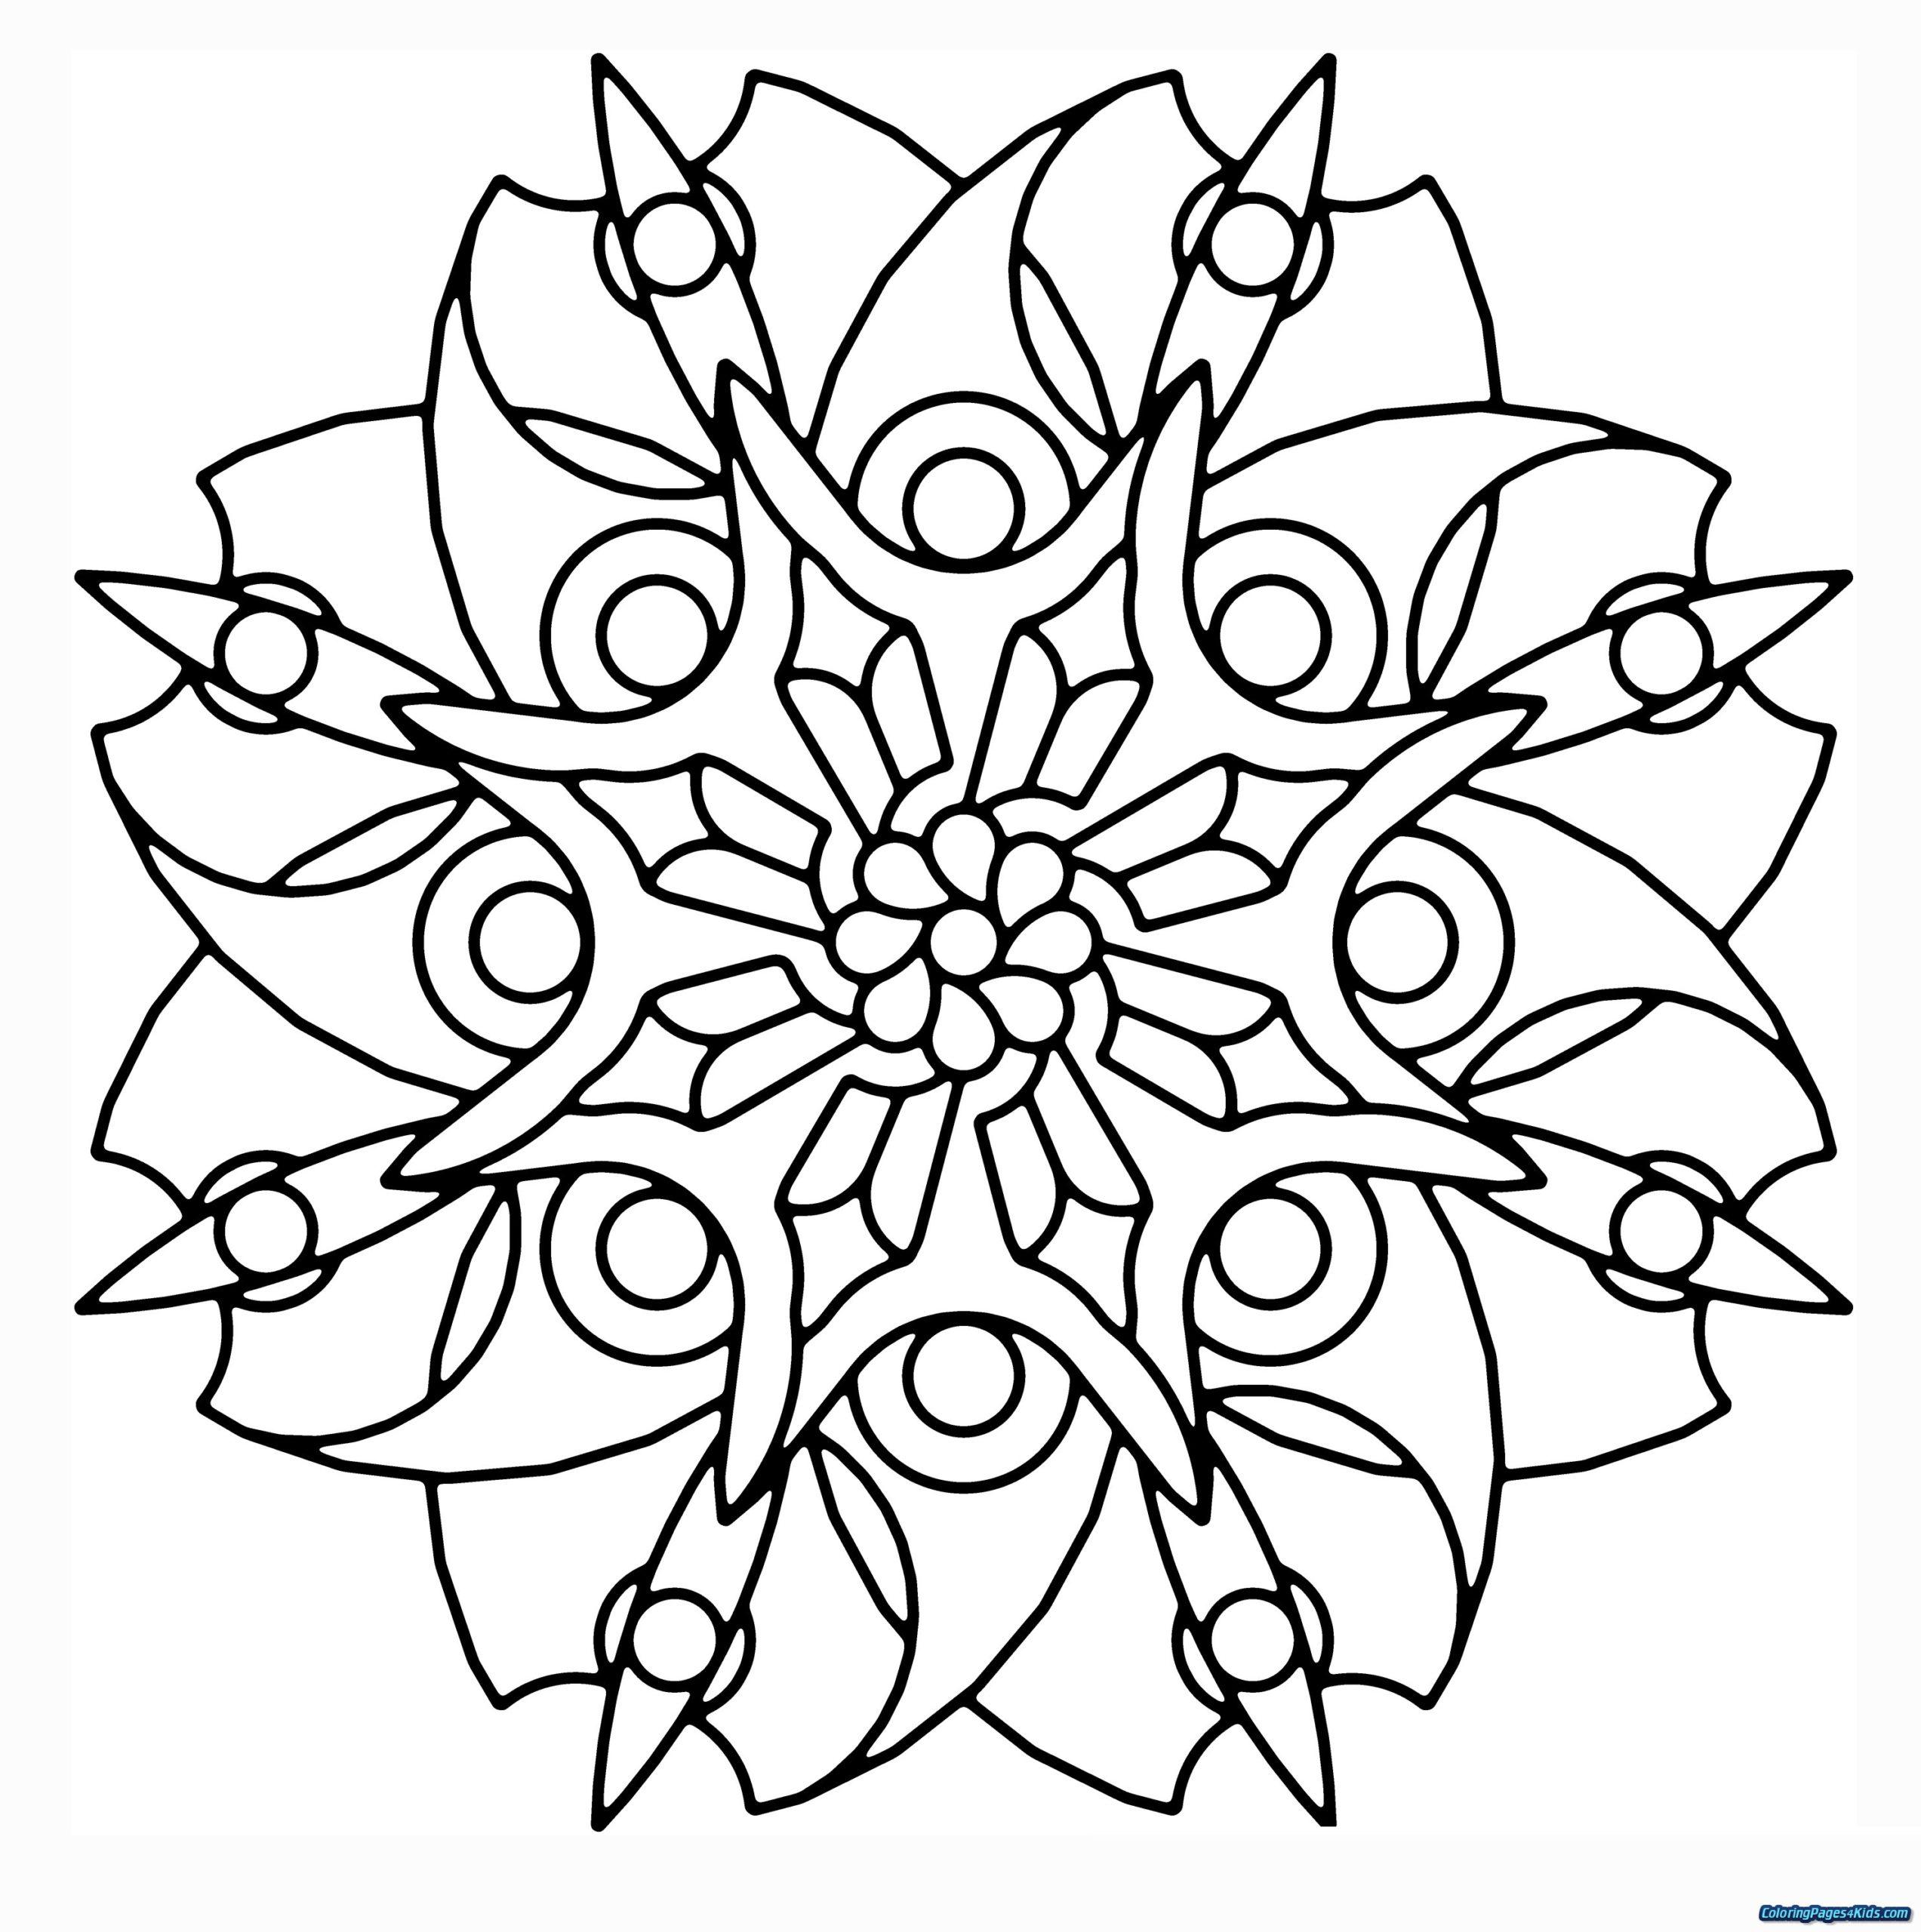 Coloring Pages : Coloring Mandala Drawingable Flower Simple à Mandala Fée